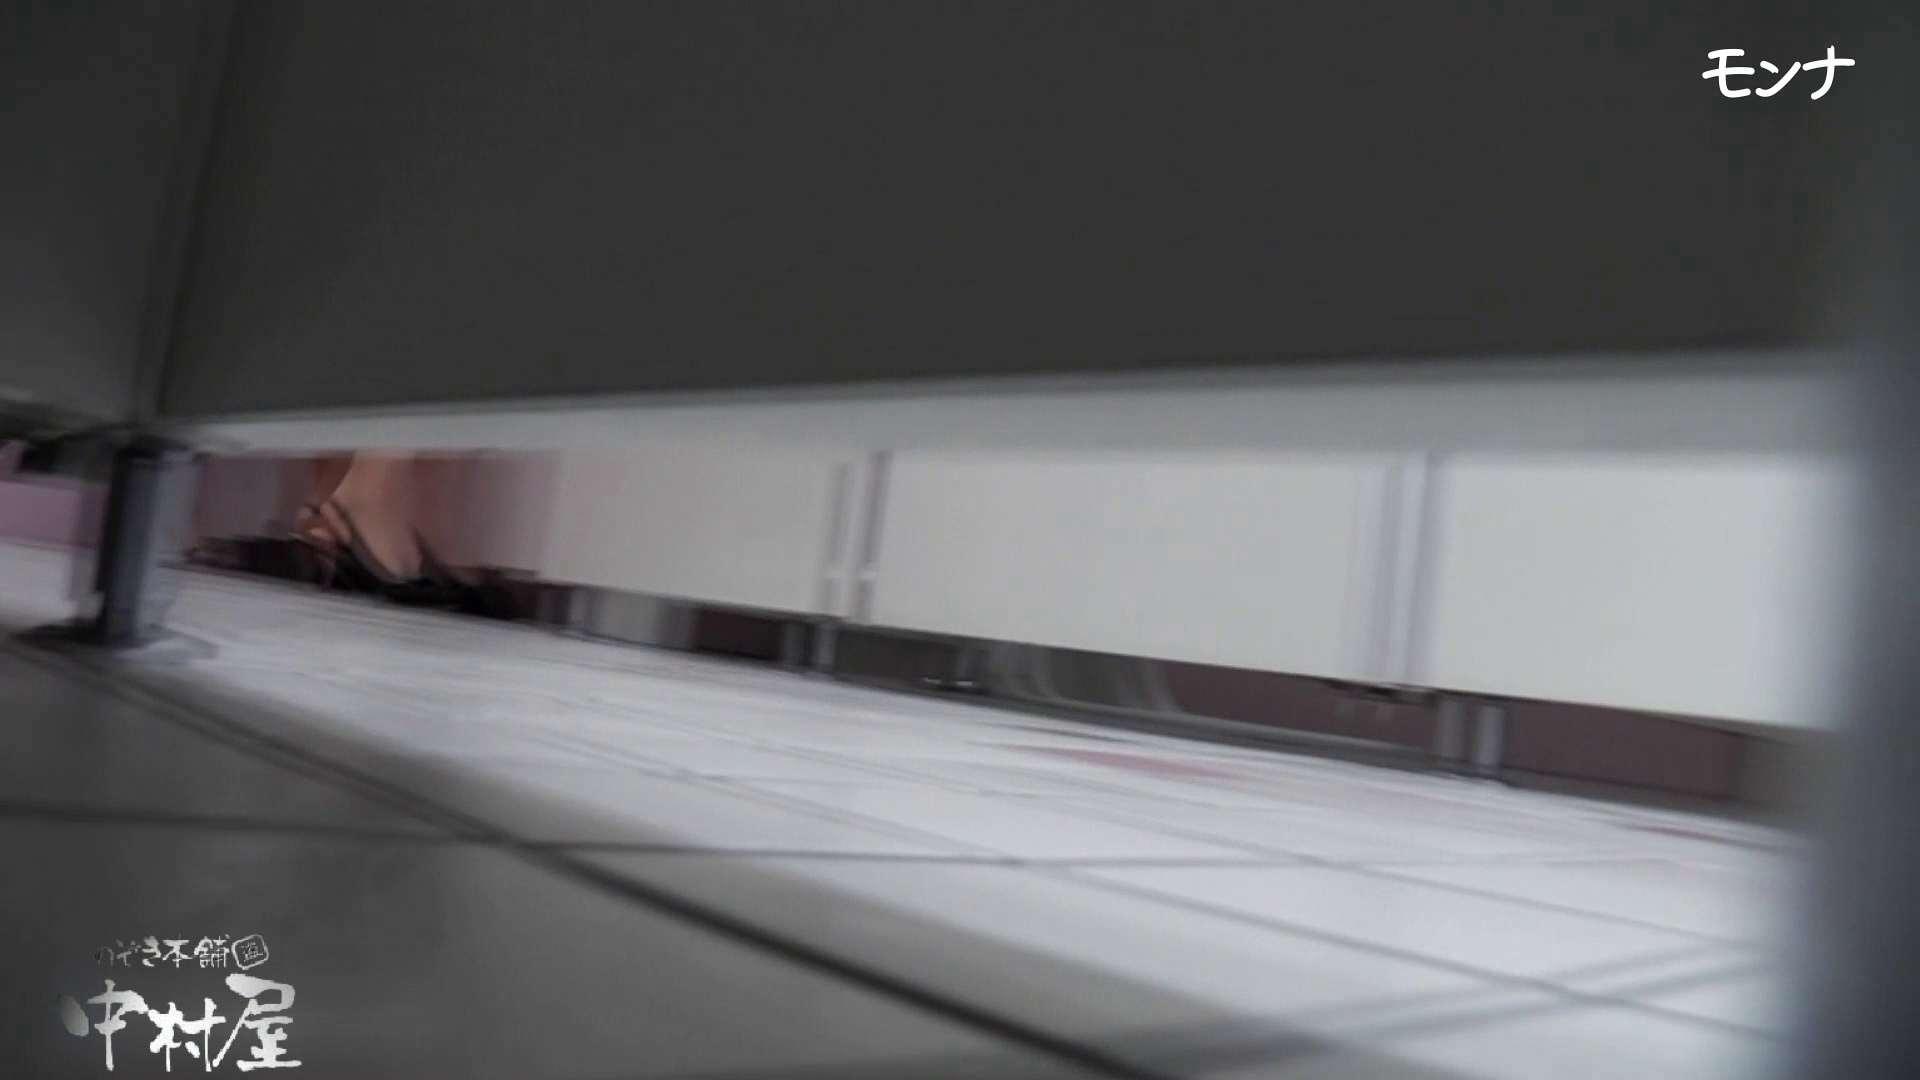 【美しい日本の未来】美しい日本の未来 No.73 自然なセクシーな仕草に感動中 覗き  89pic 70